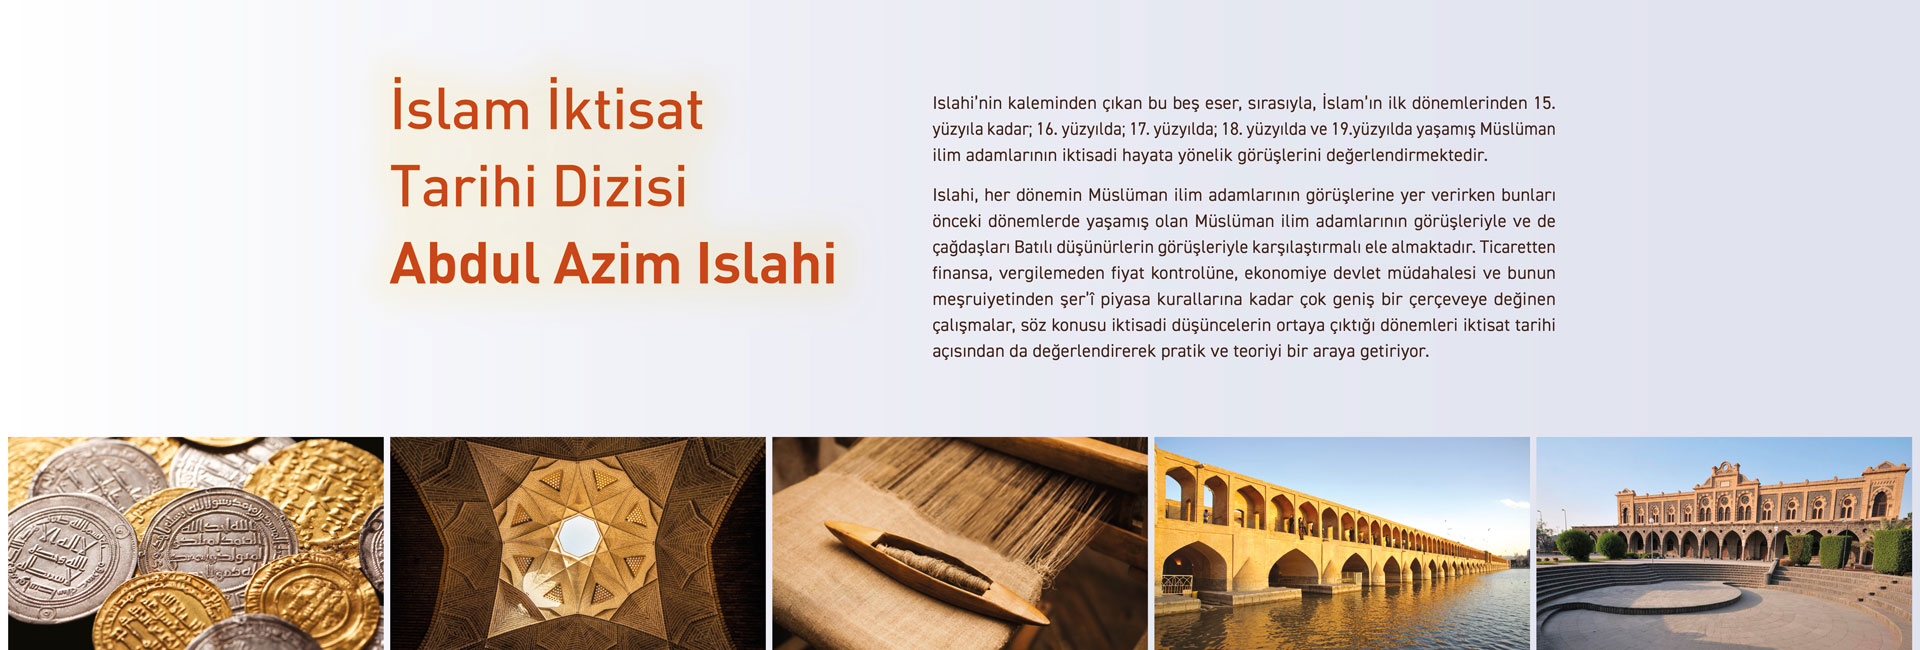 http://iktisatyayinlari.com/content/1-home/ik1.jpg